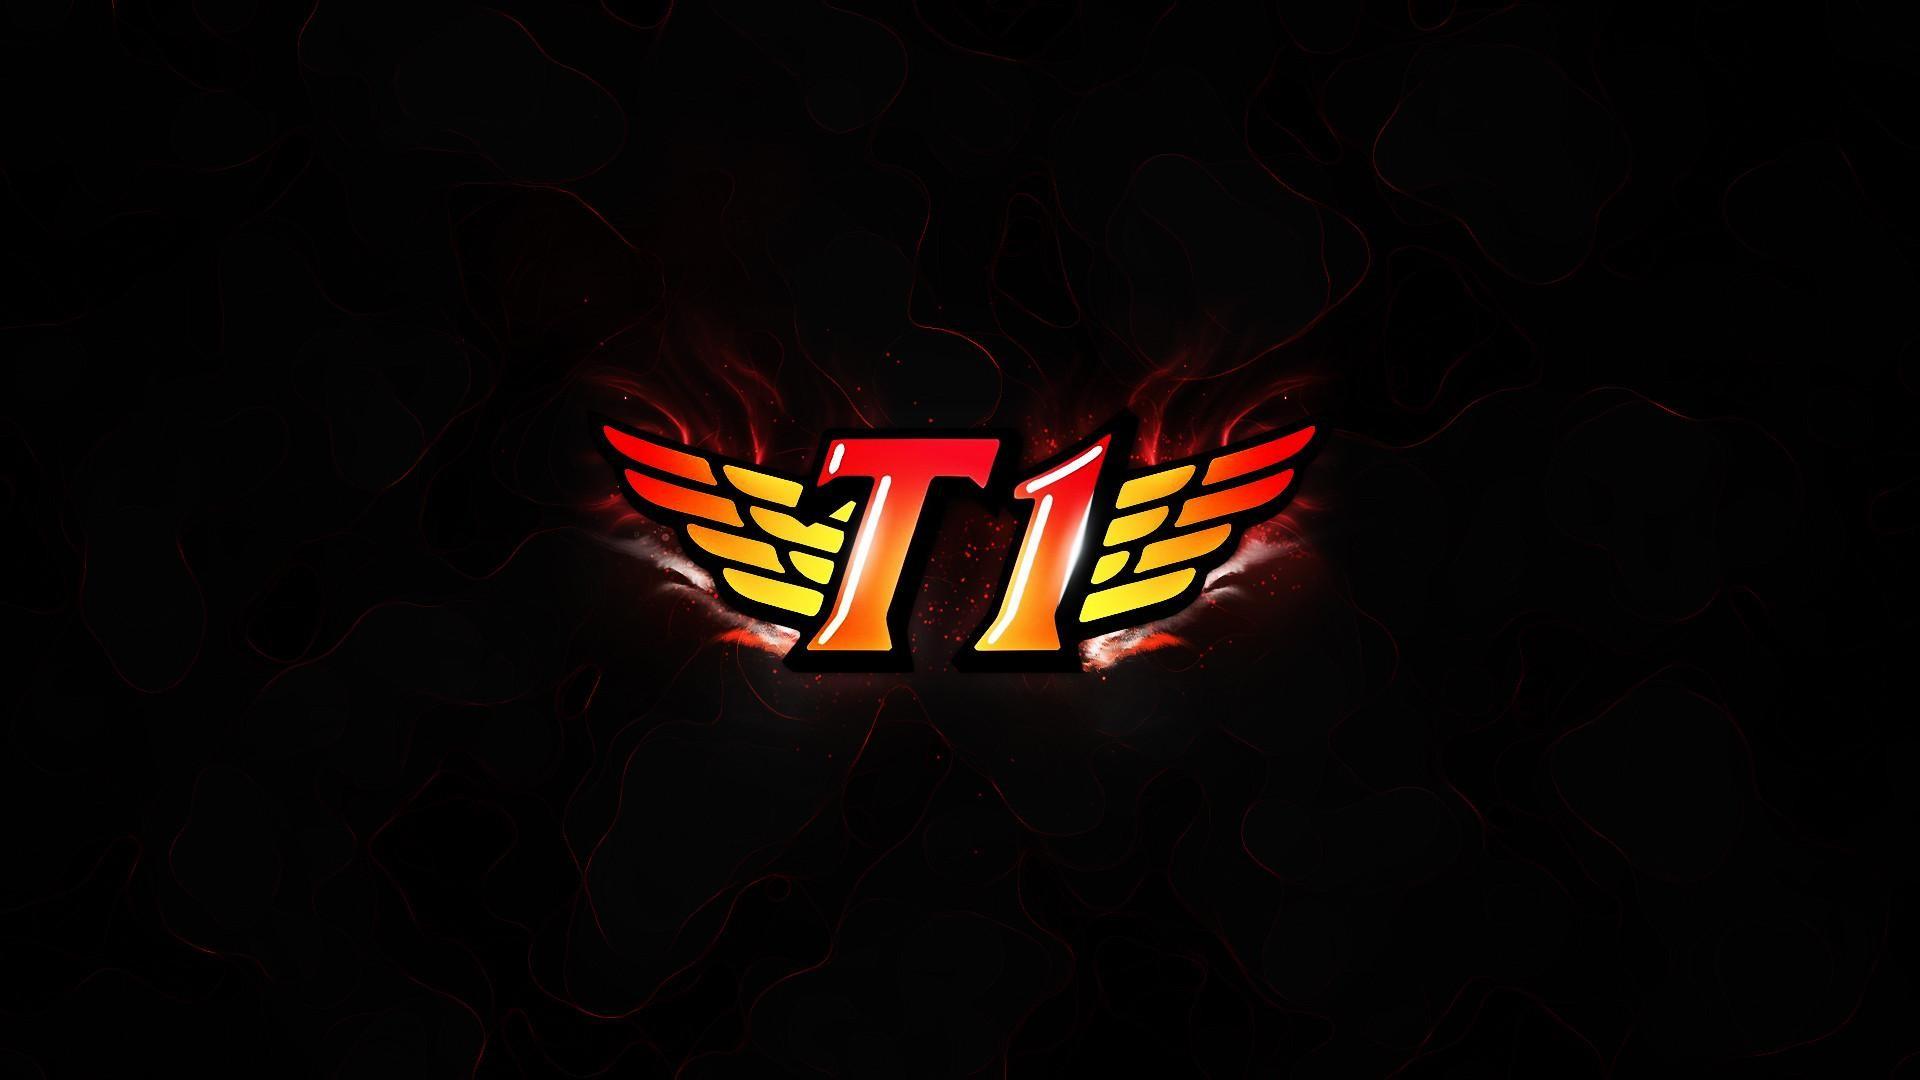 League Of Legend: T1 chiêu mộ các huấn luyện viên vô địch thế giới DWG DAENY và ZEFA tham gia ban huấn luyện